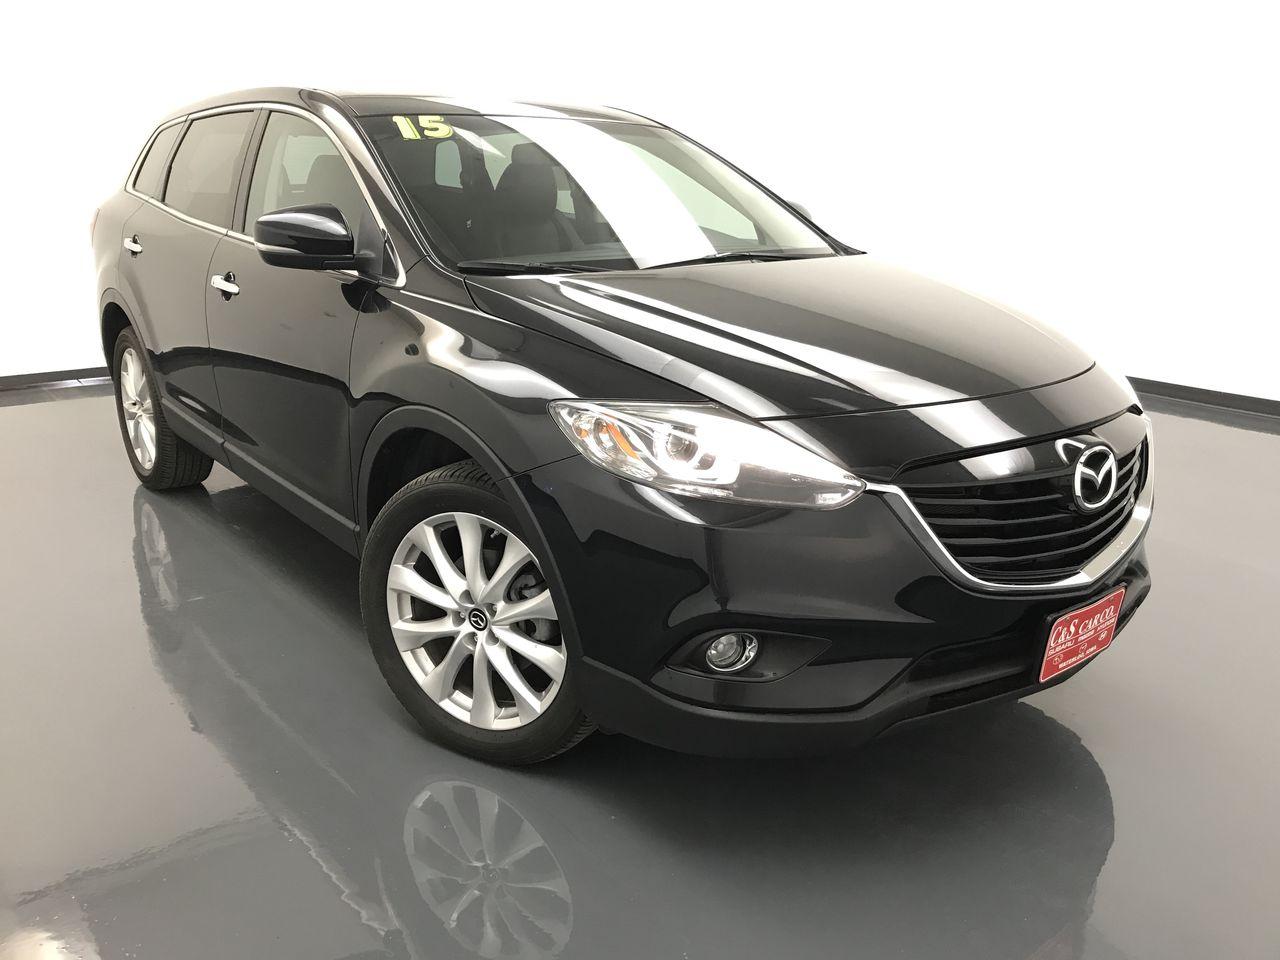 2015 Mazda CX-9  - C & S Car Company